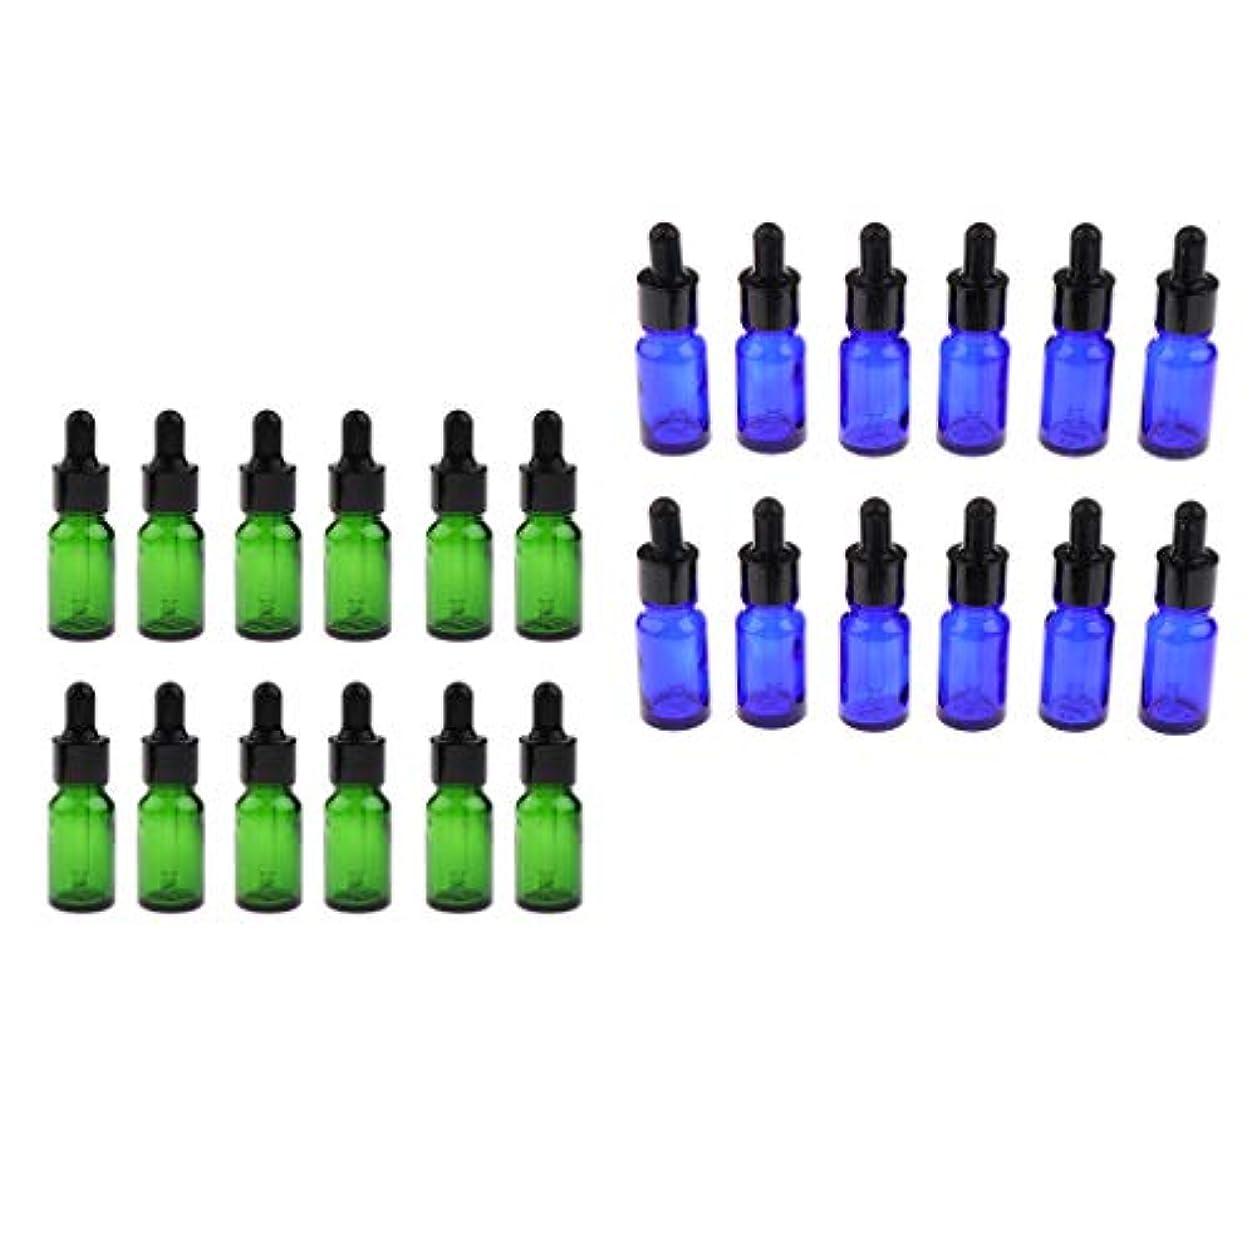 バリアめるブラウンHellery ガラス瓶 スポイトボトル 遮光瓶 ディスペンサーボトル 美容室 美容院 アロマテラピー店 約24個